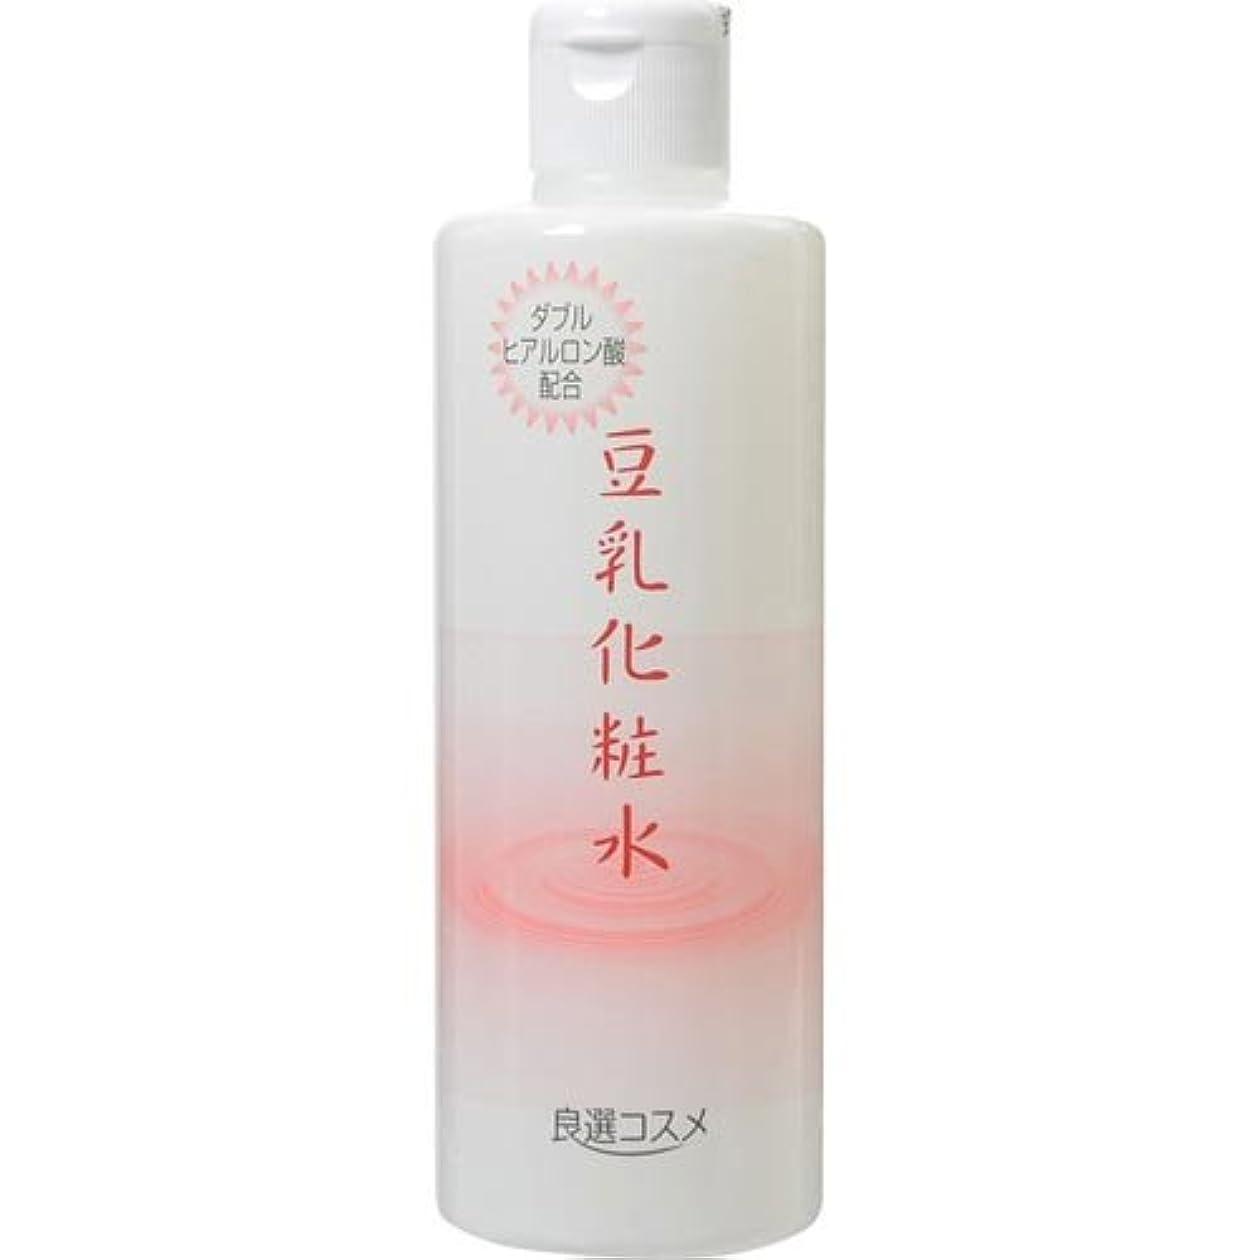 テクスチャー文明ライバル良選企画 豆乳化粧水 300ml